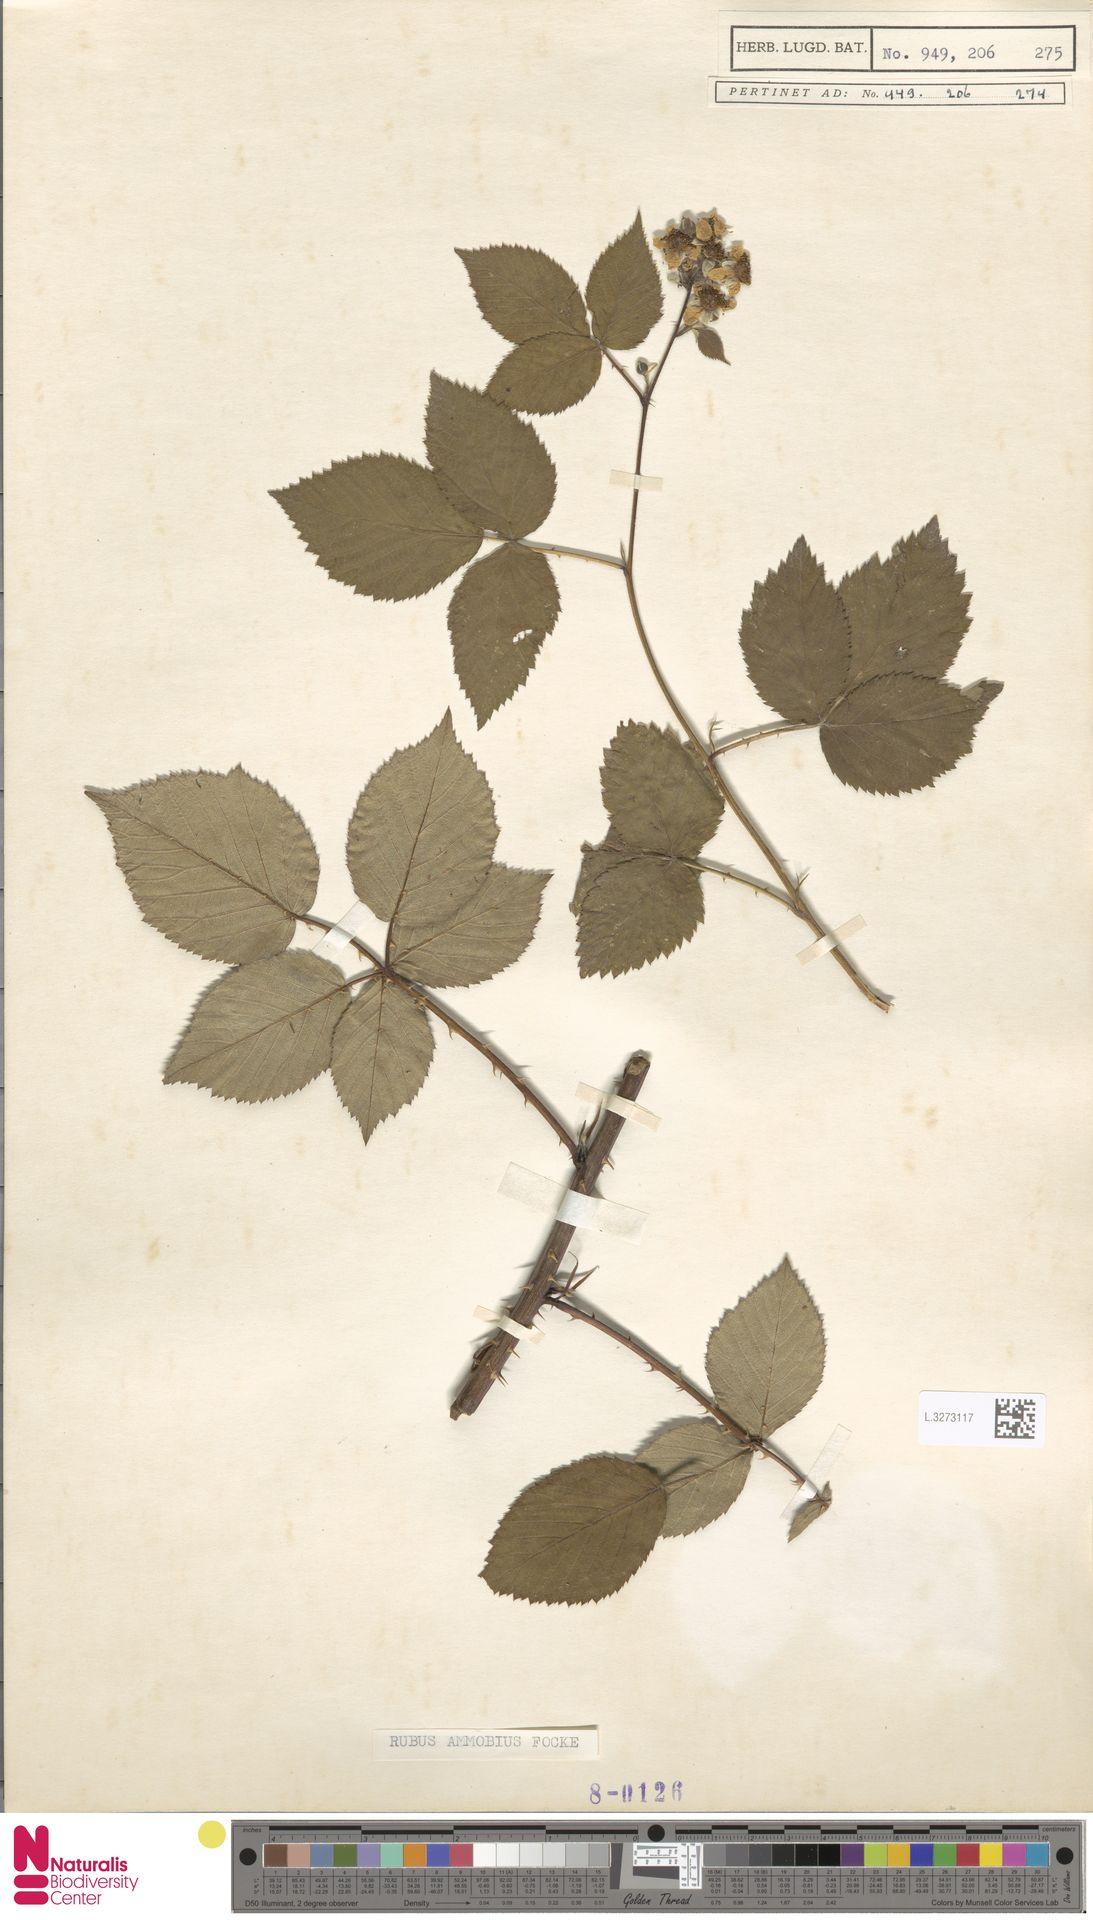 L.3273117 | Rubus ammobius Focke